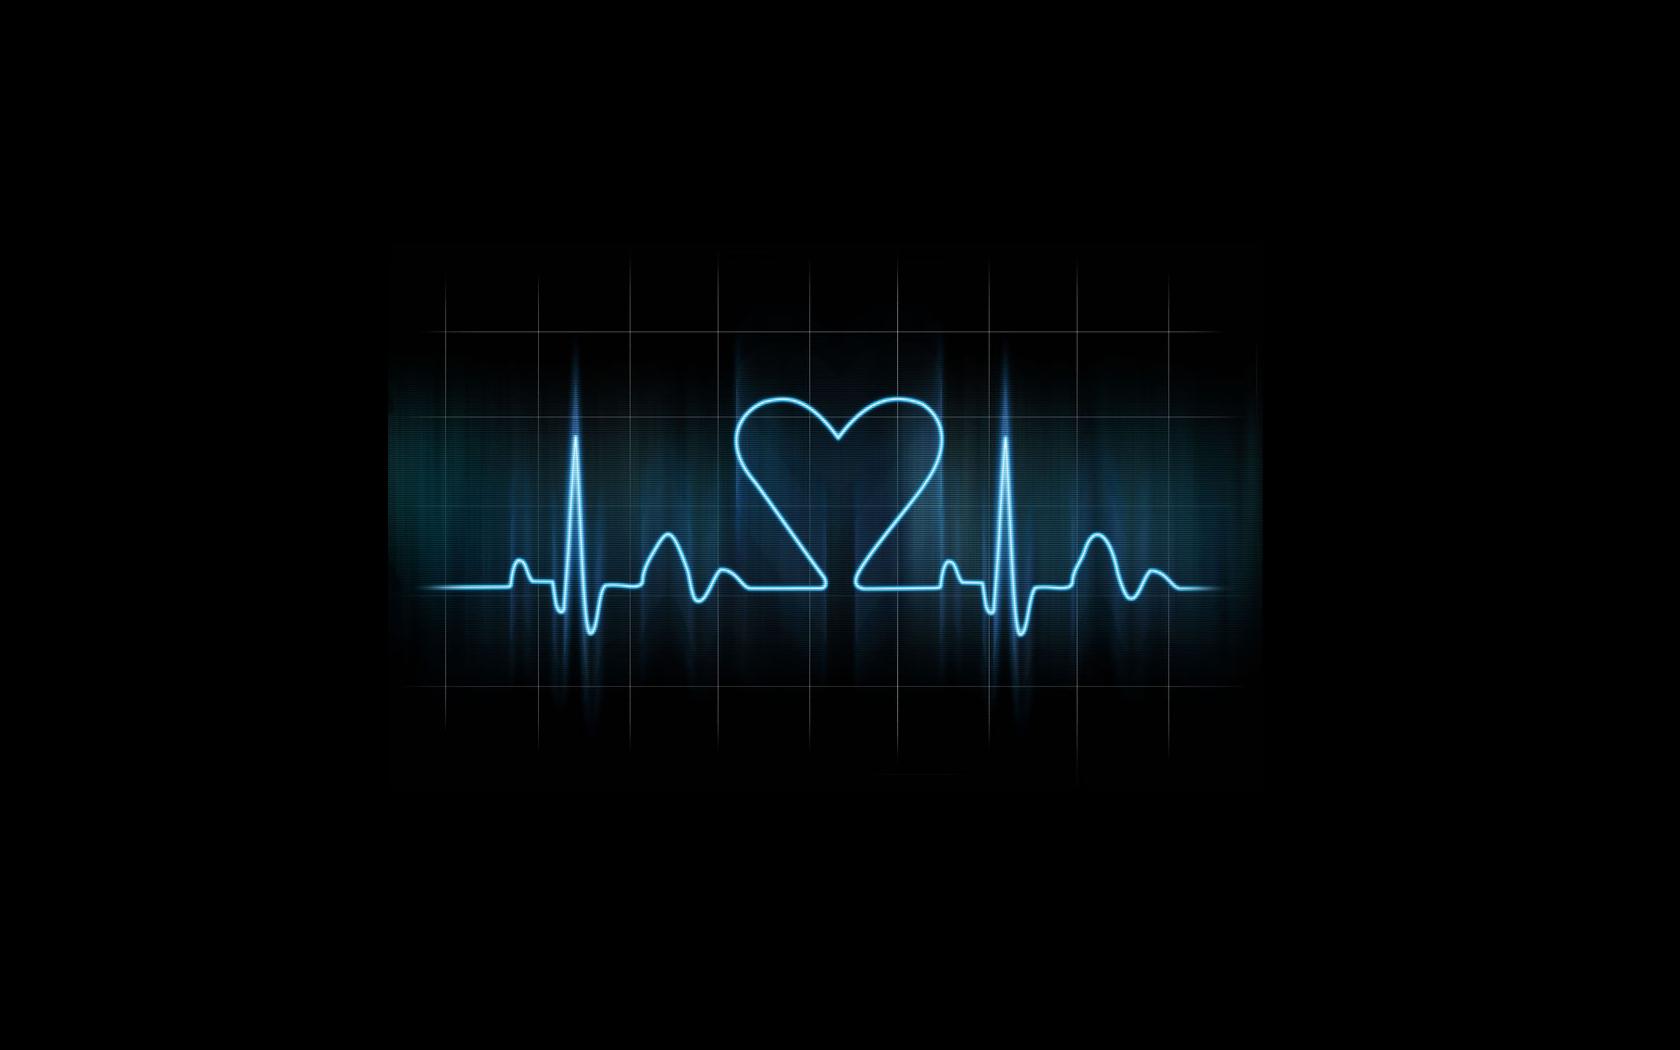 Abstract Heart Love Wallpaper × High Definition Wallpaper